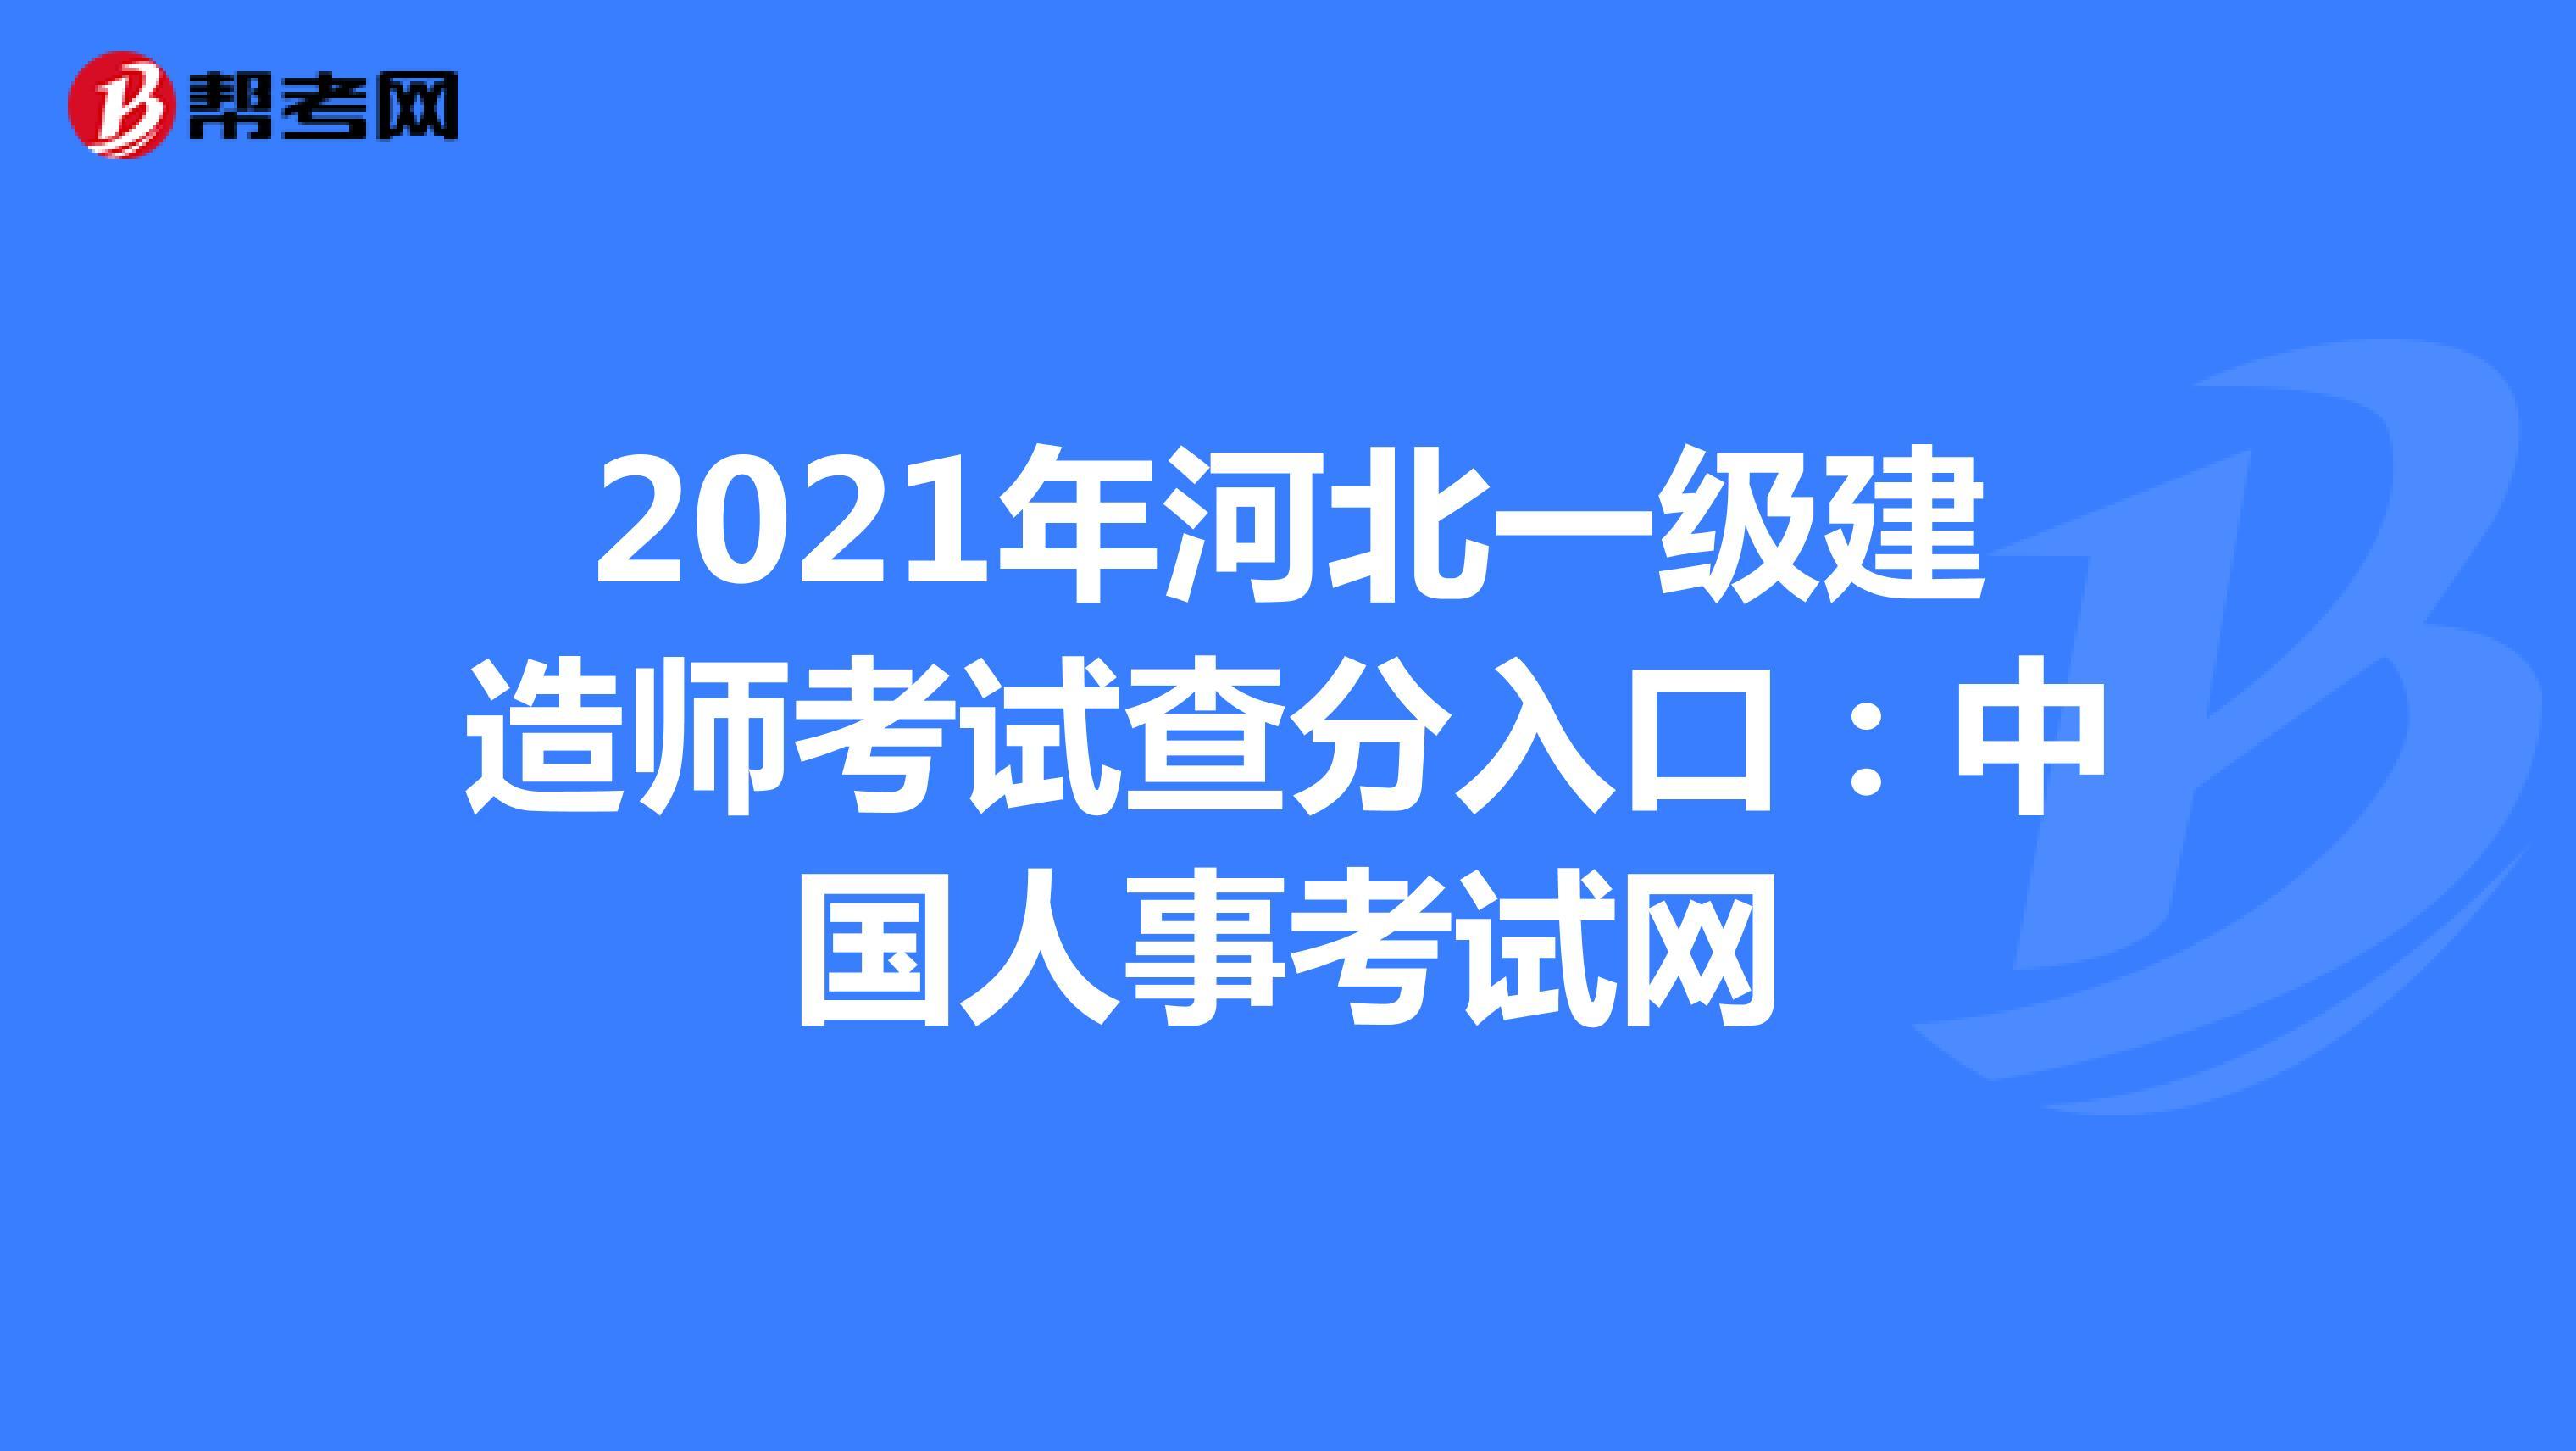 2021年河北一级建造师考试查分入口:中国人事考试网